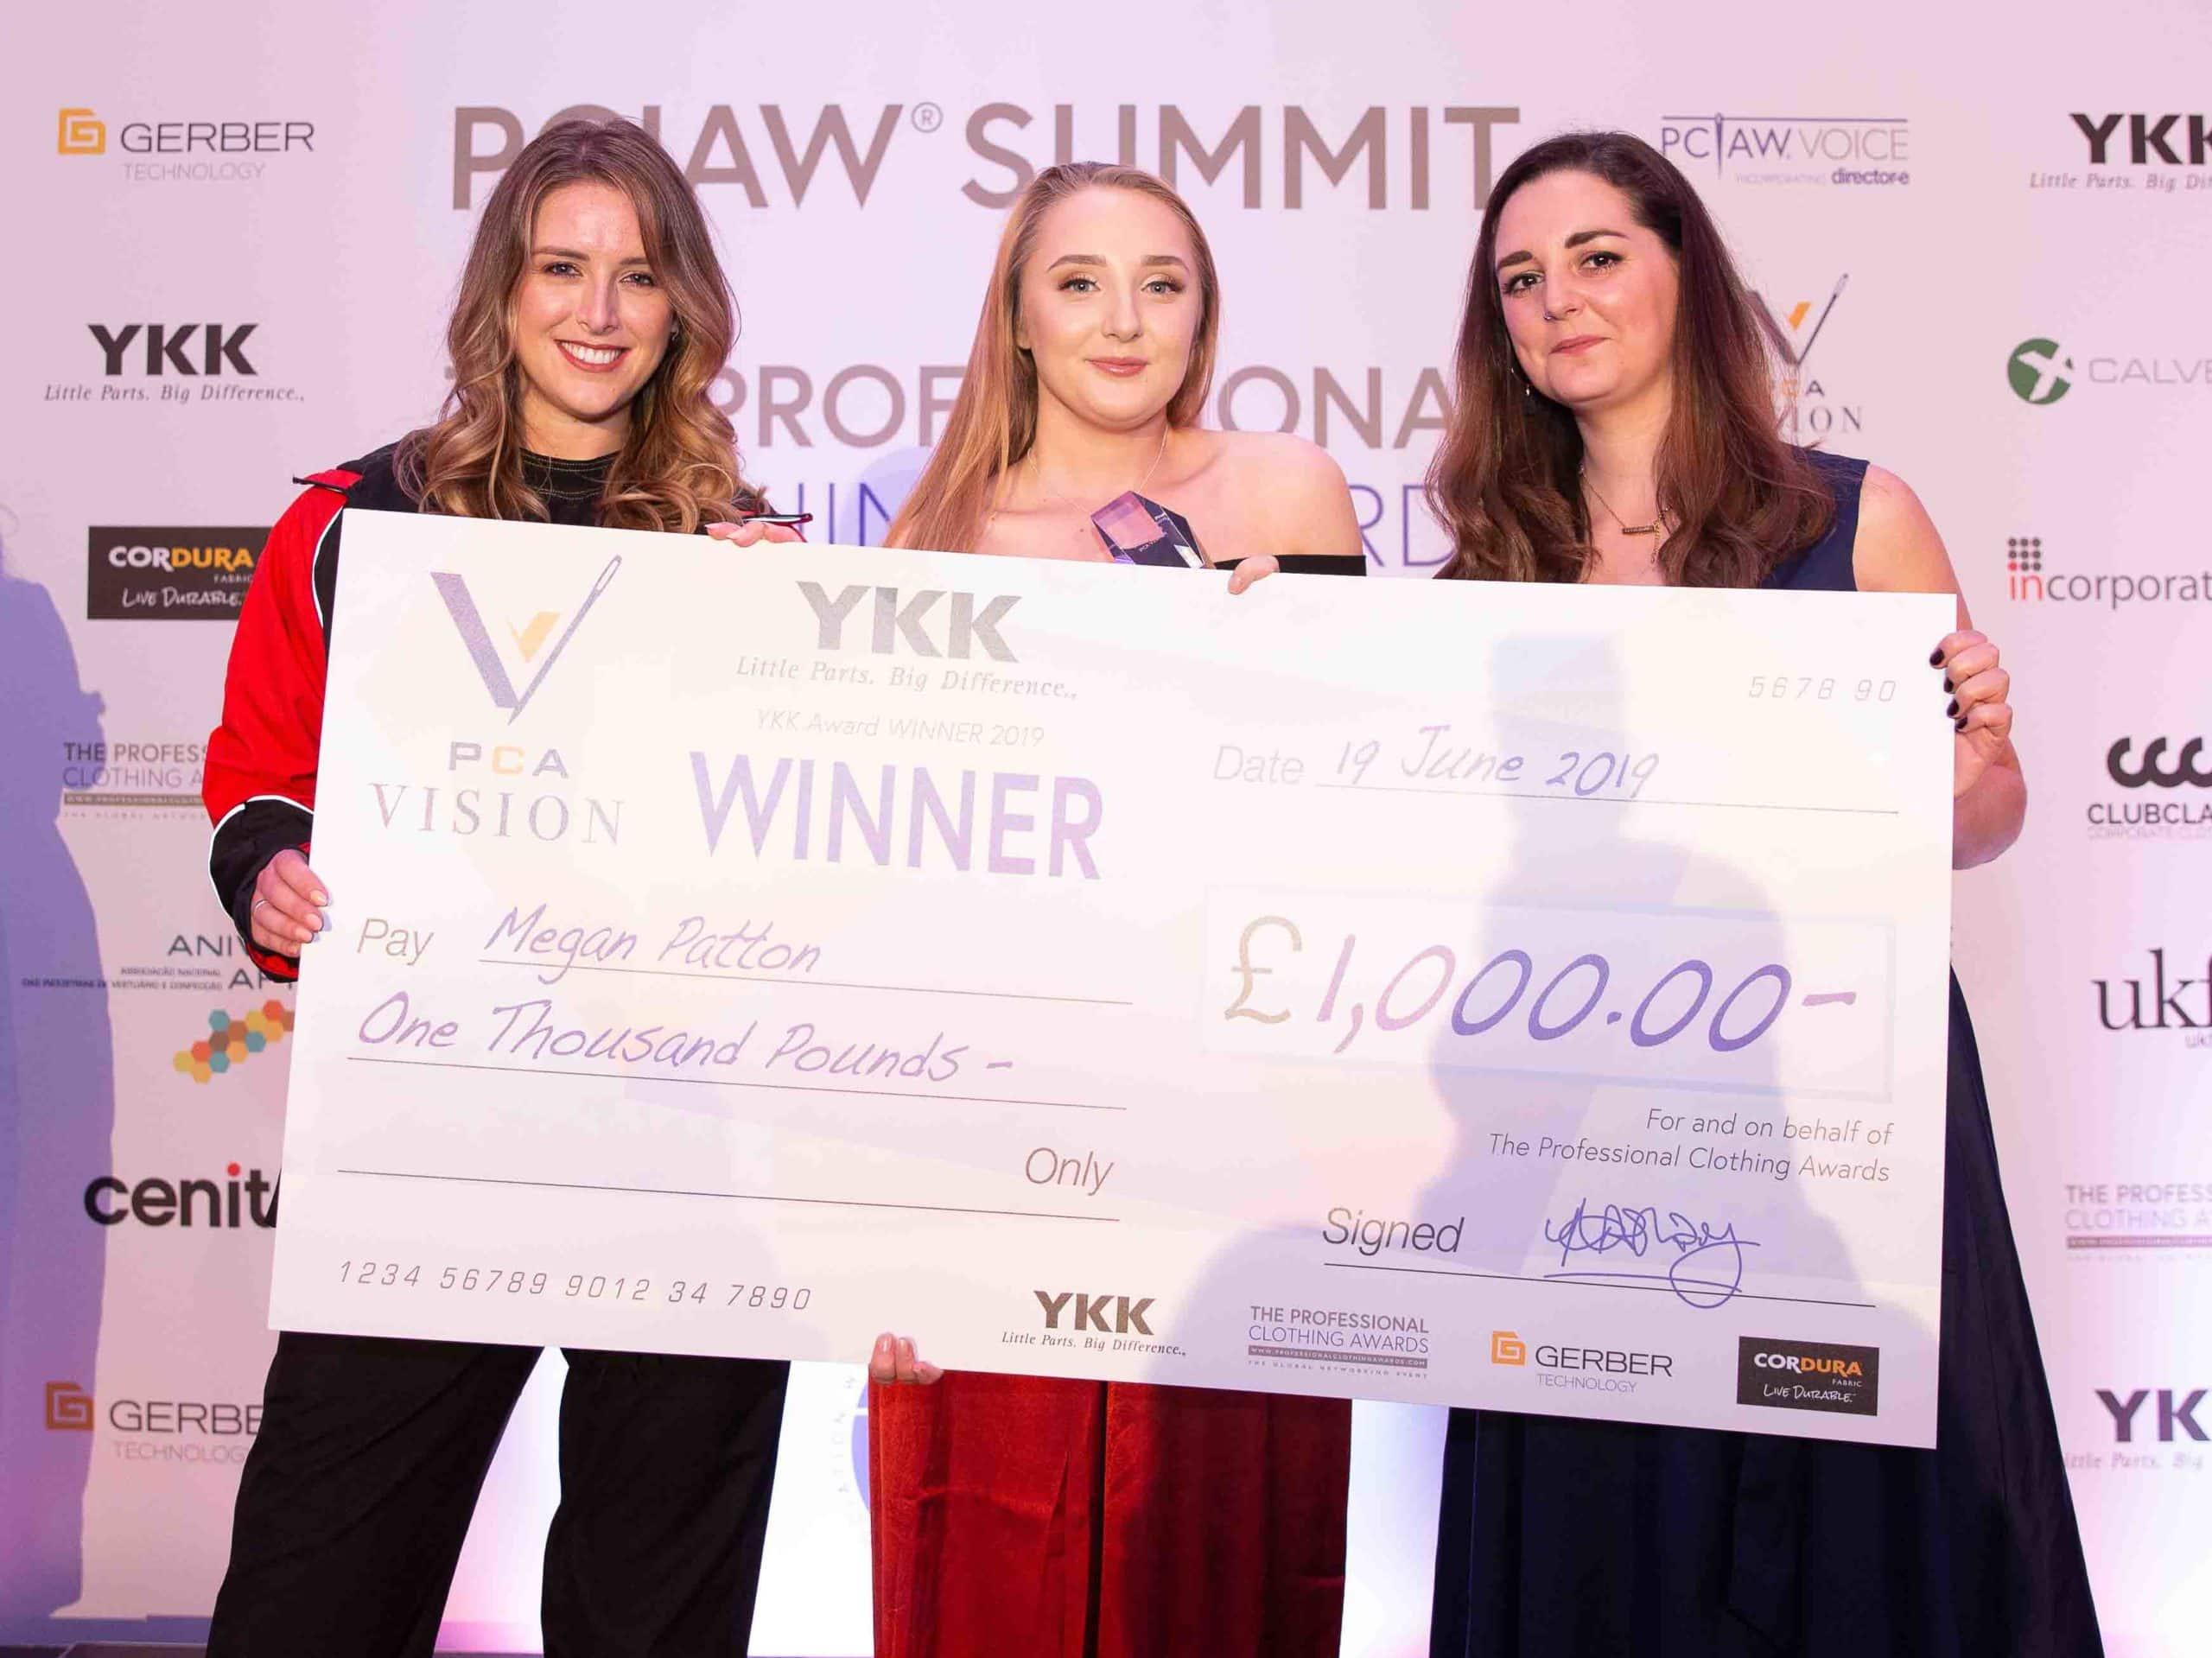 PCIAW Awards 2019 294 scaled